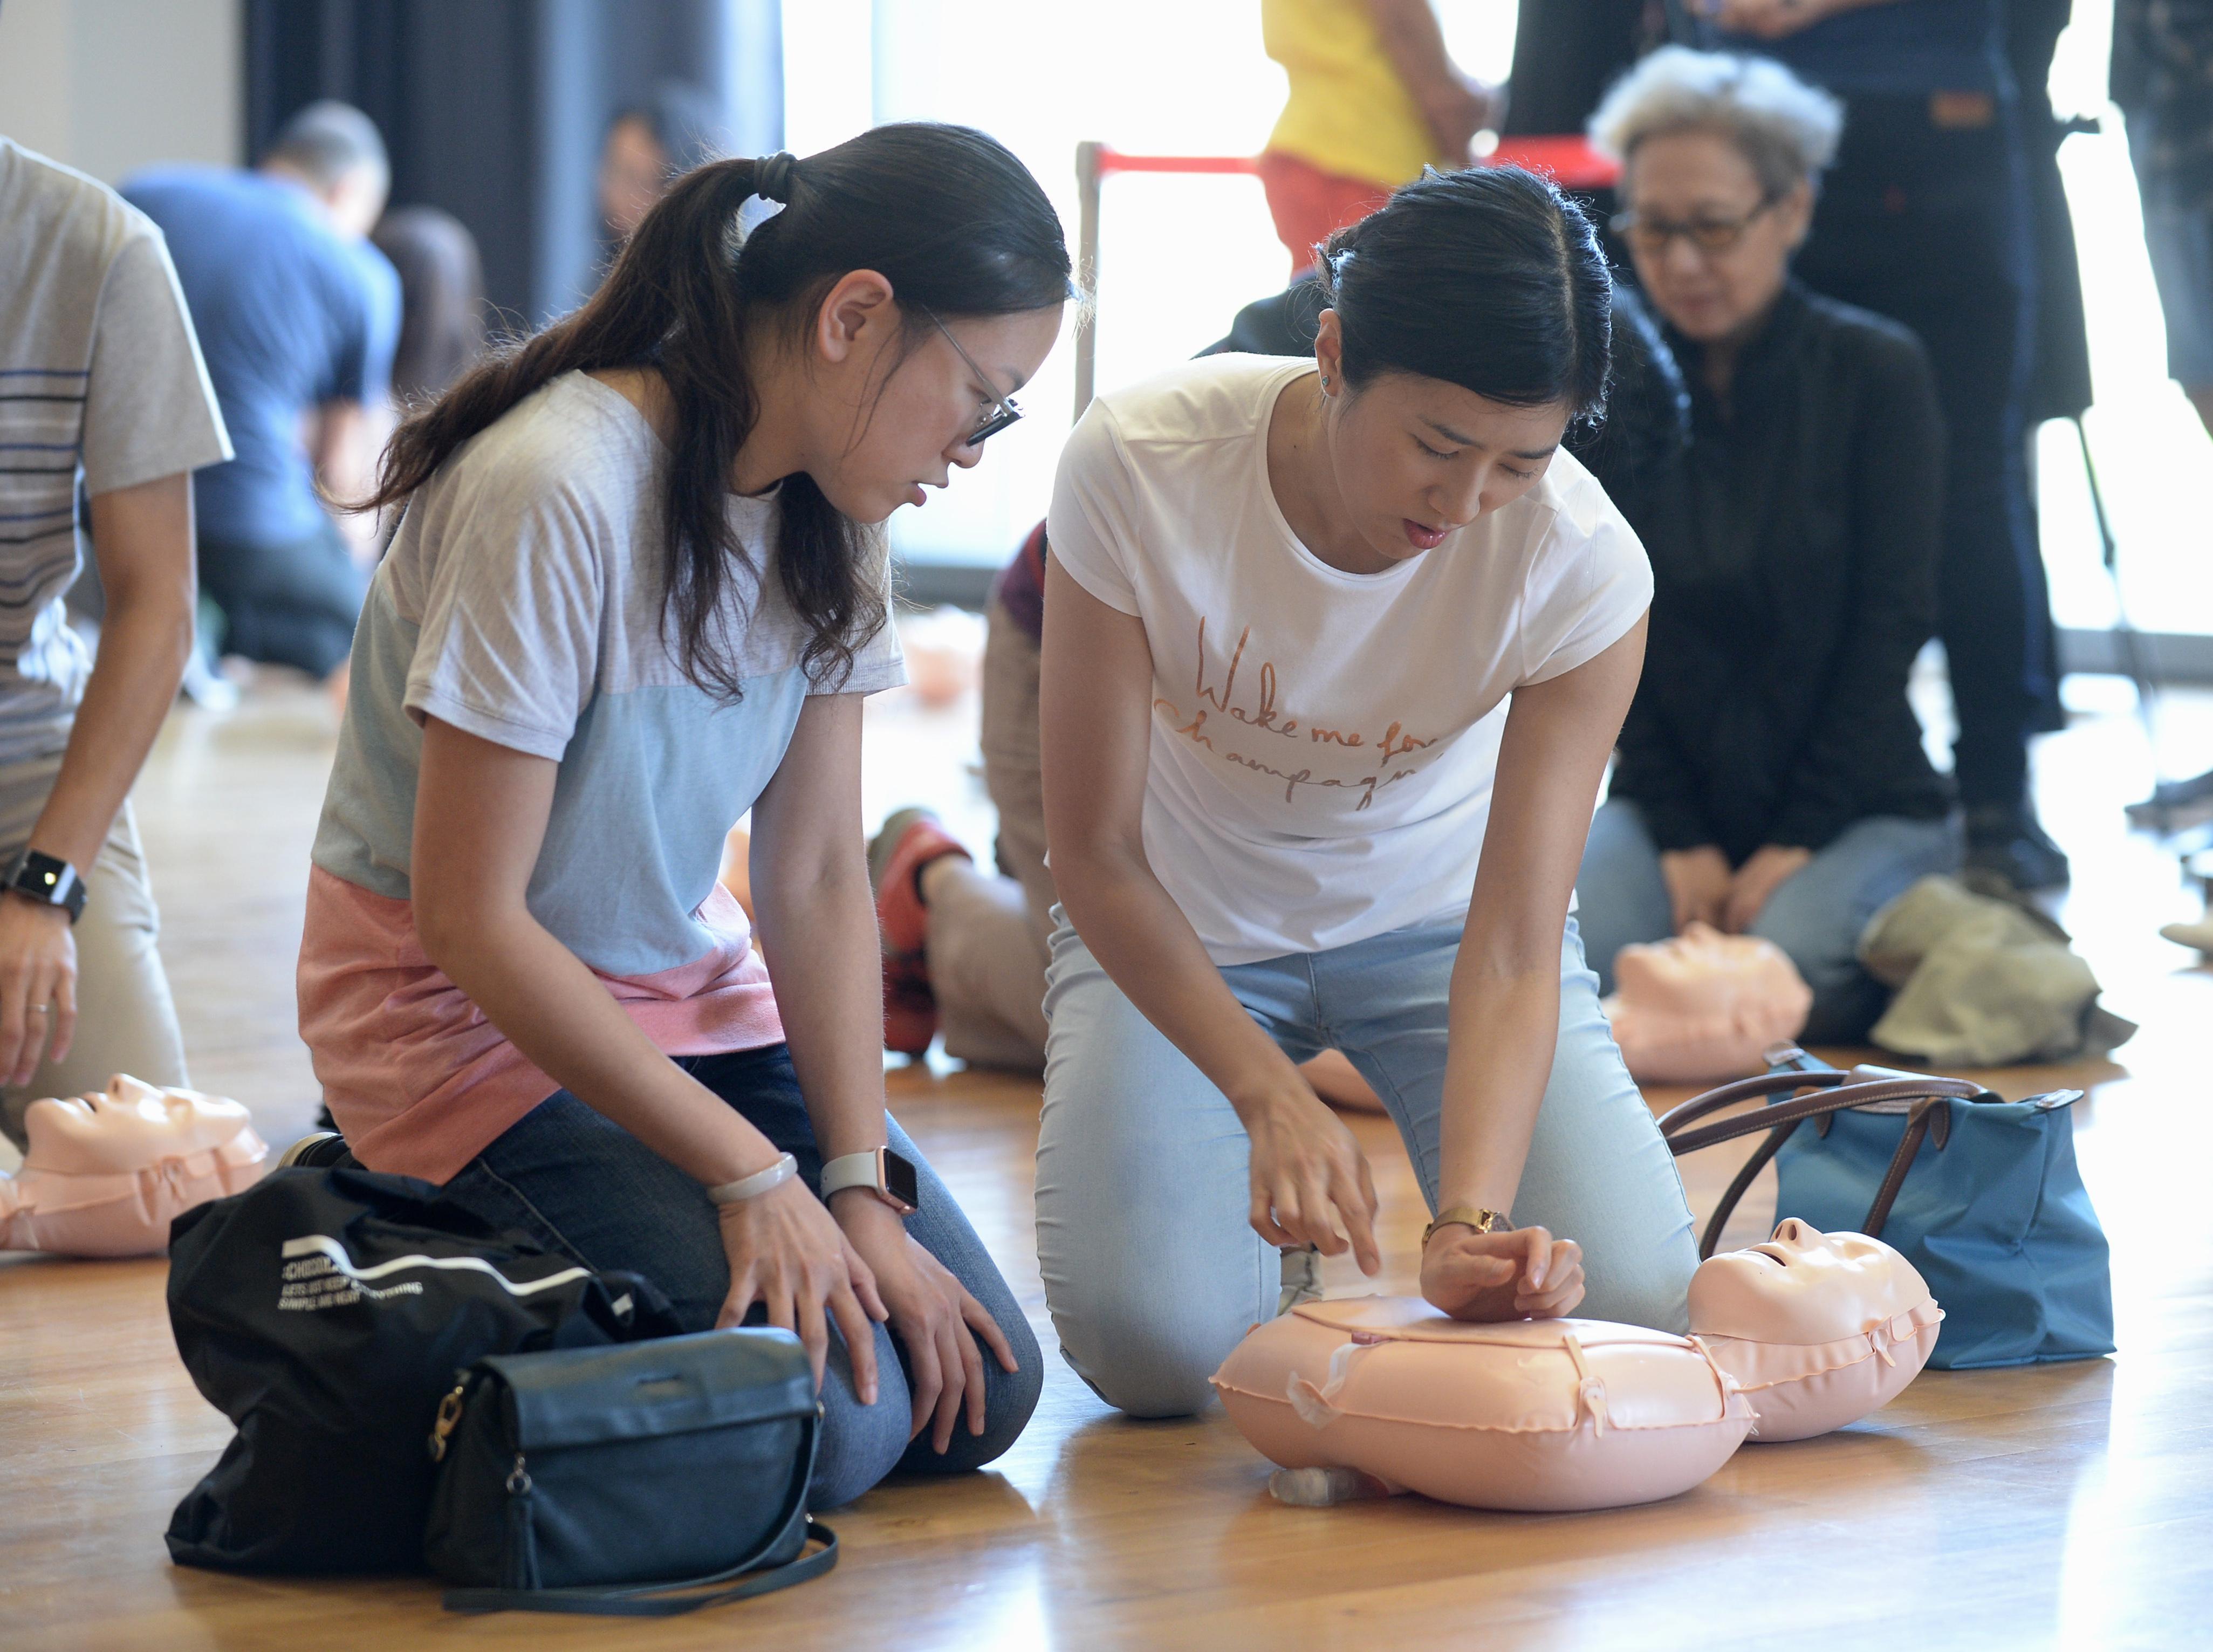 逾千名学生完成心肺復甦训练课程 东北扶轮社助中四五生免费受训